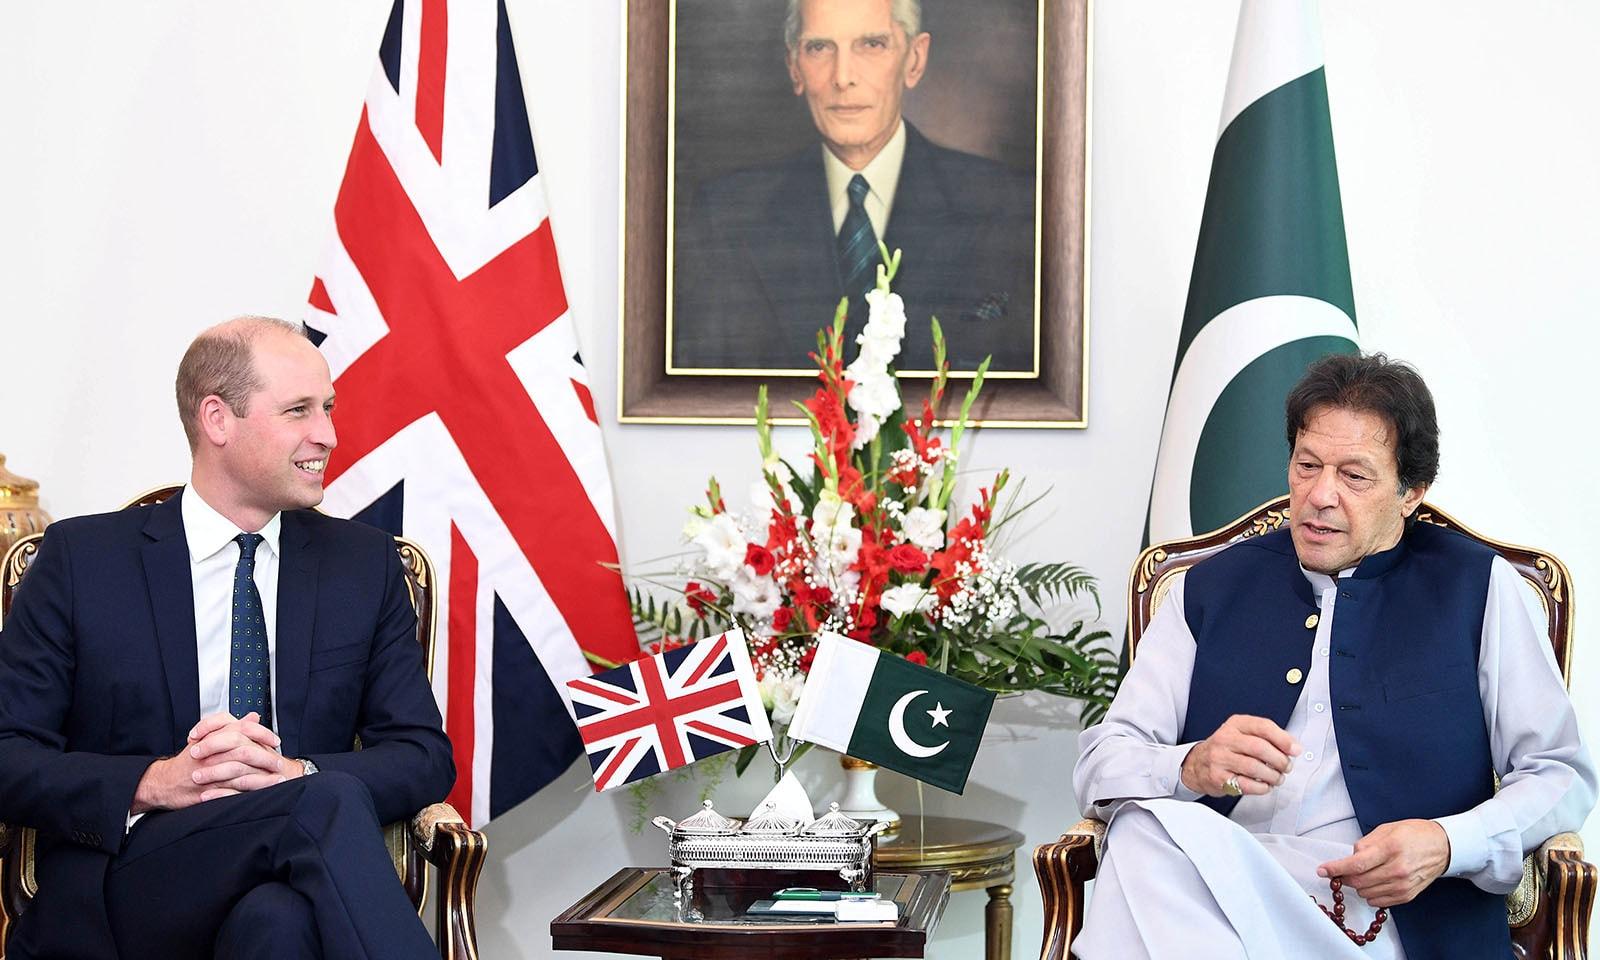 شہزادہ ولیم نے وزیر اعظم عمران خان سے ملاقات کی — فوٹو: رائٹرز